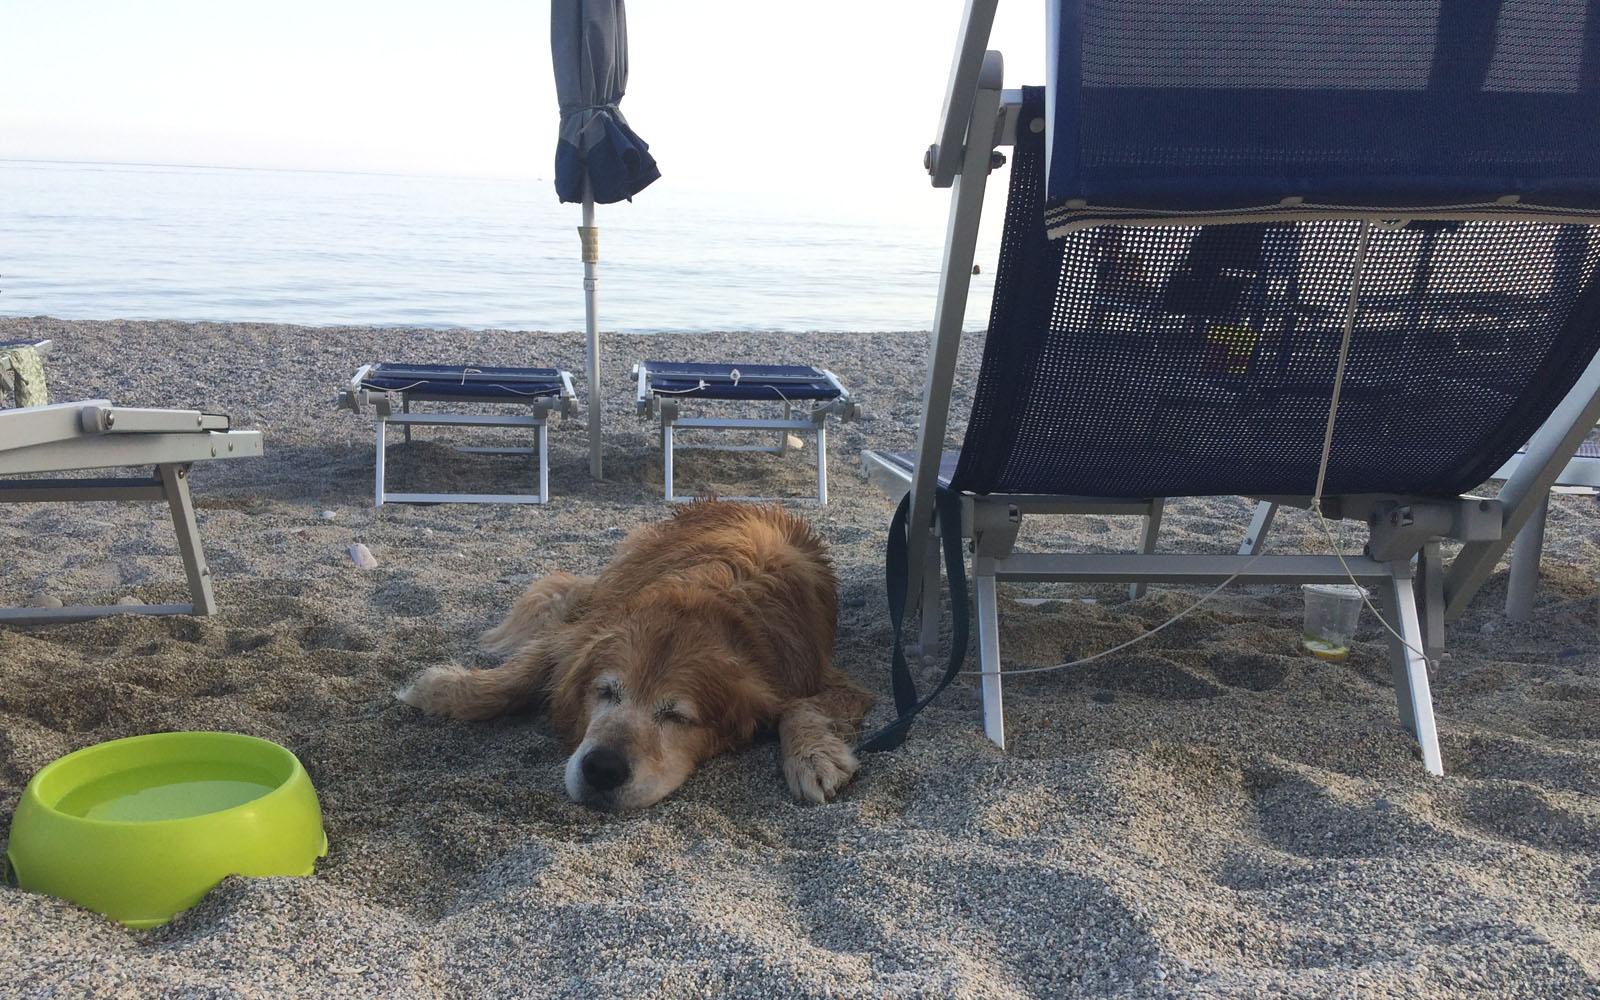 Il mio cane Felakuti sotto l'ombrellone, con la ciotola in dotazione del lido 20 Riviera.